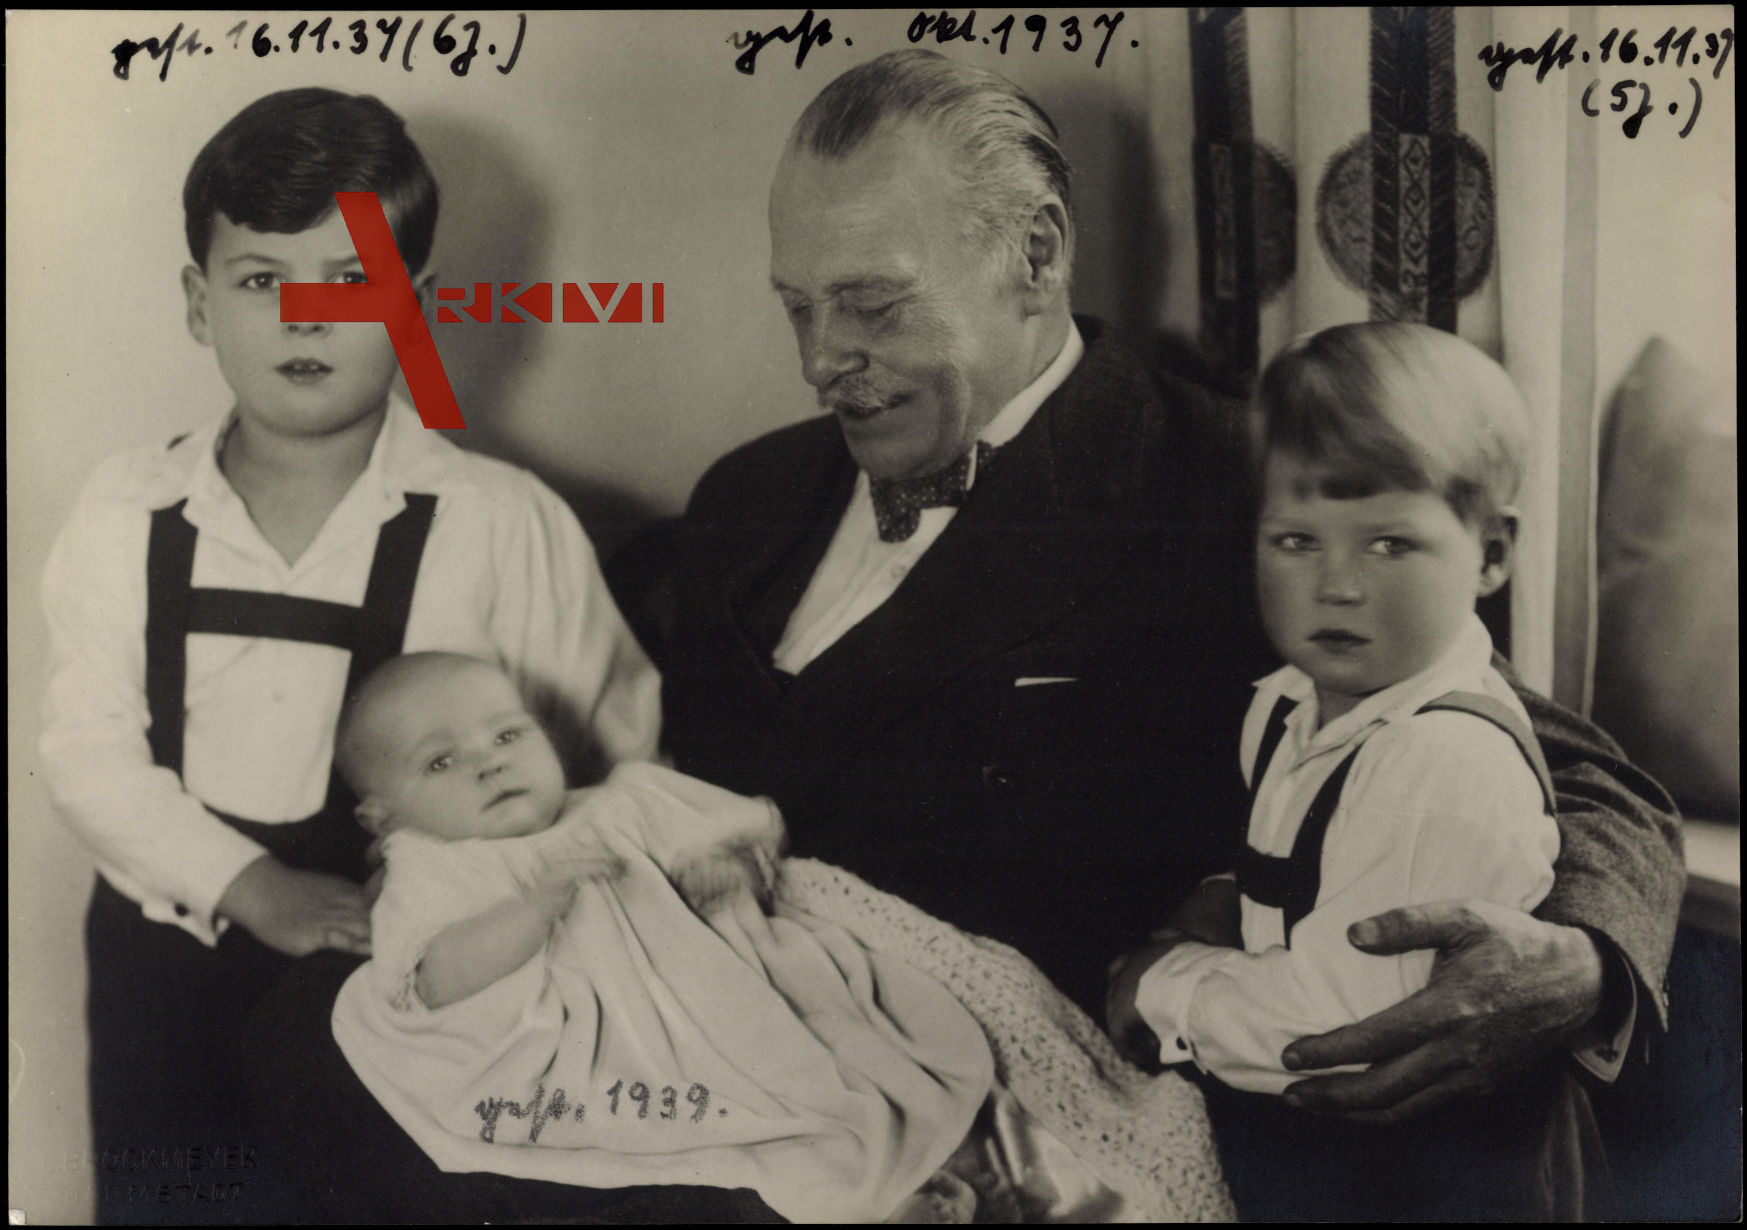 Großherzog Ernst Ludwig von Hessen mit Enkelkindern, Prinzen